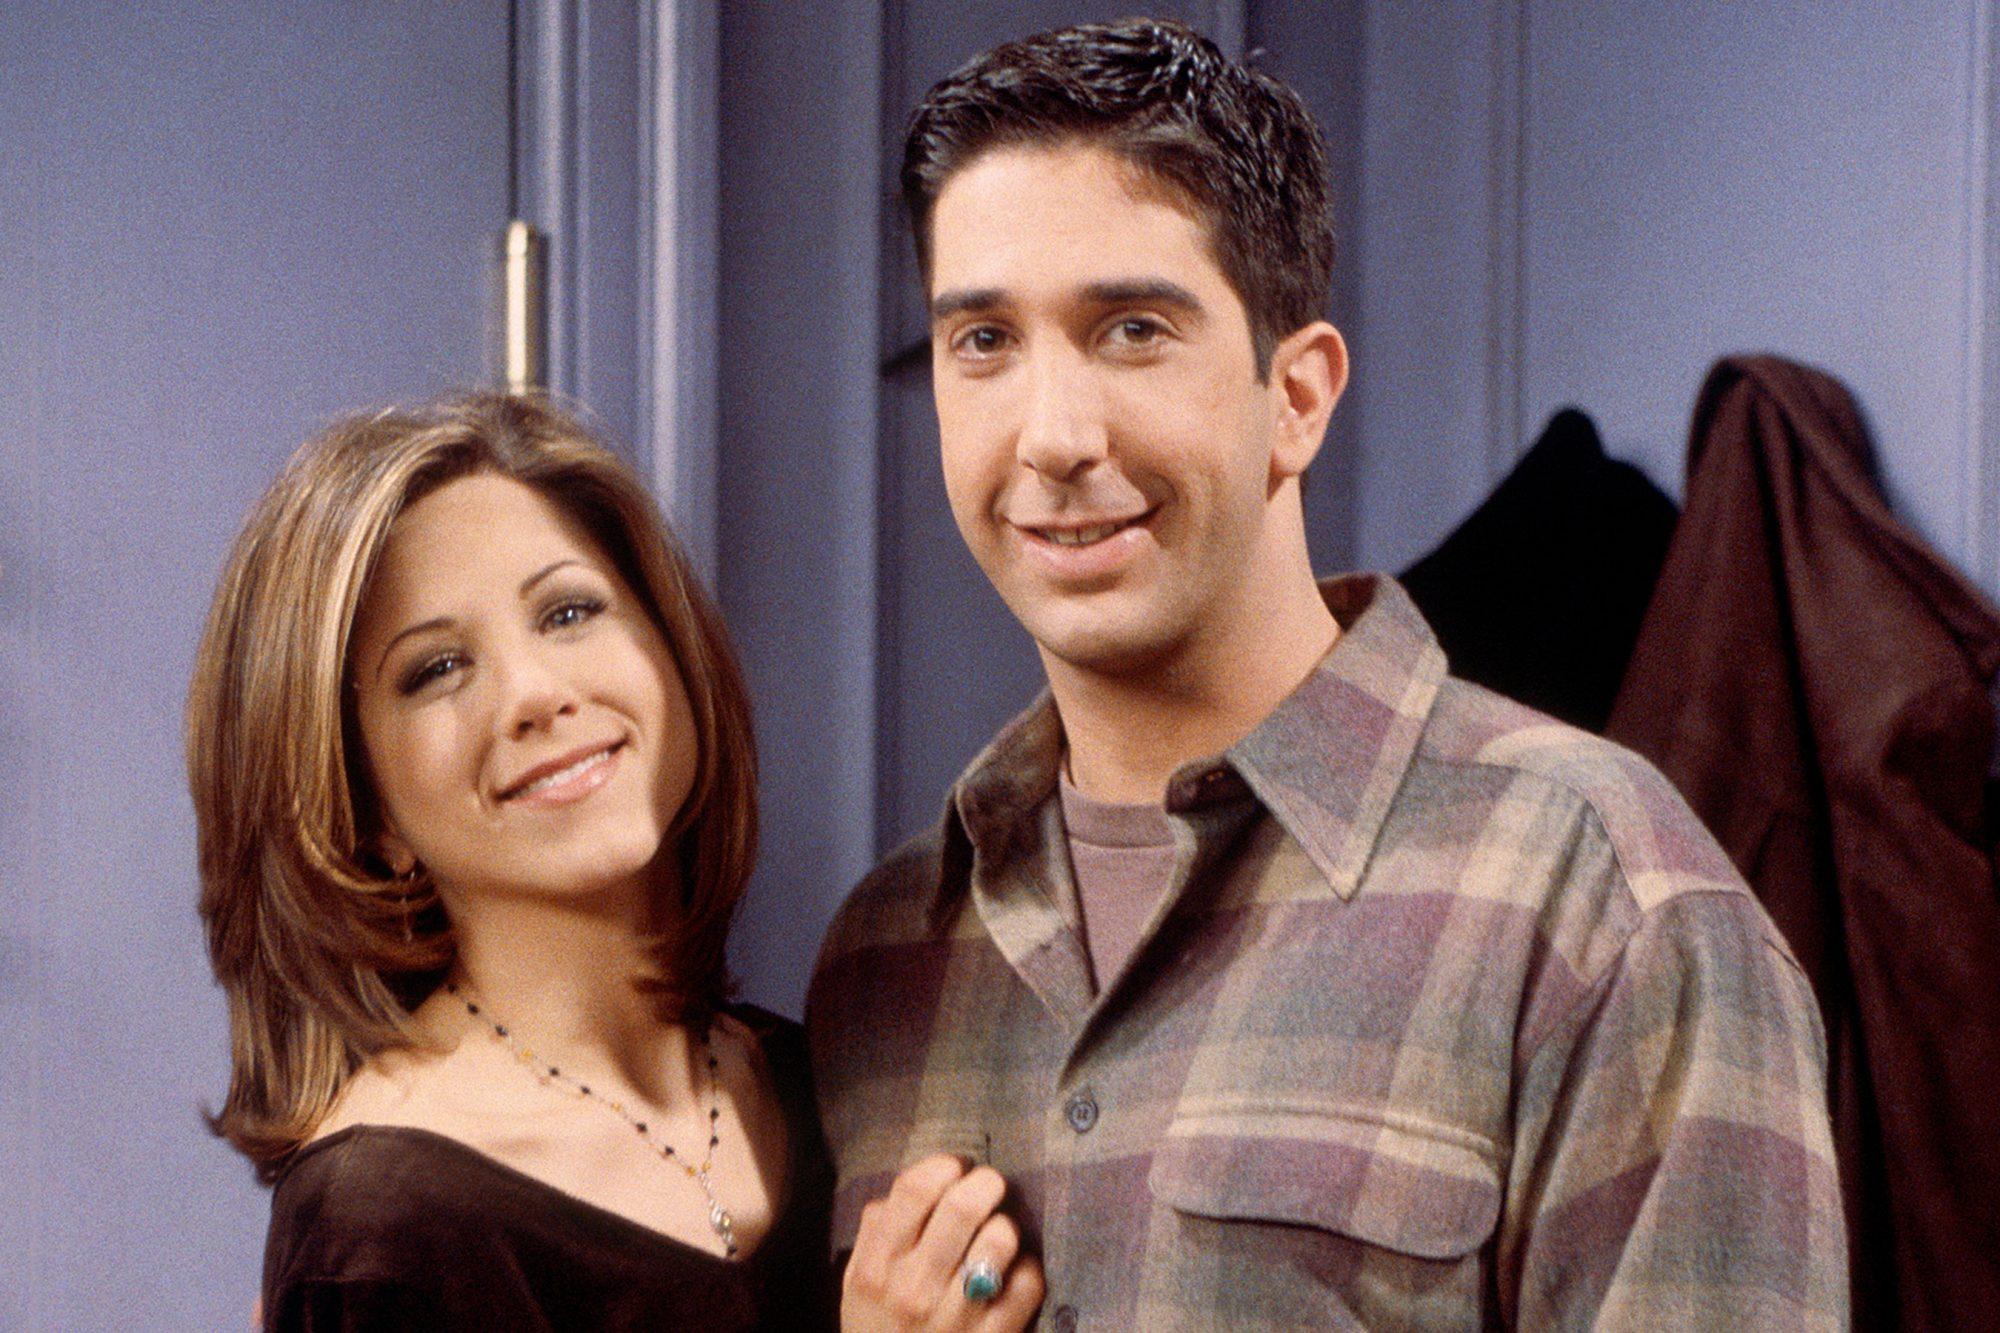 Young Money is on a break (not like Ross & Rachel)